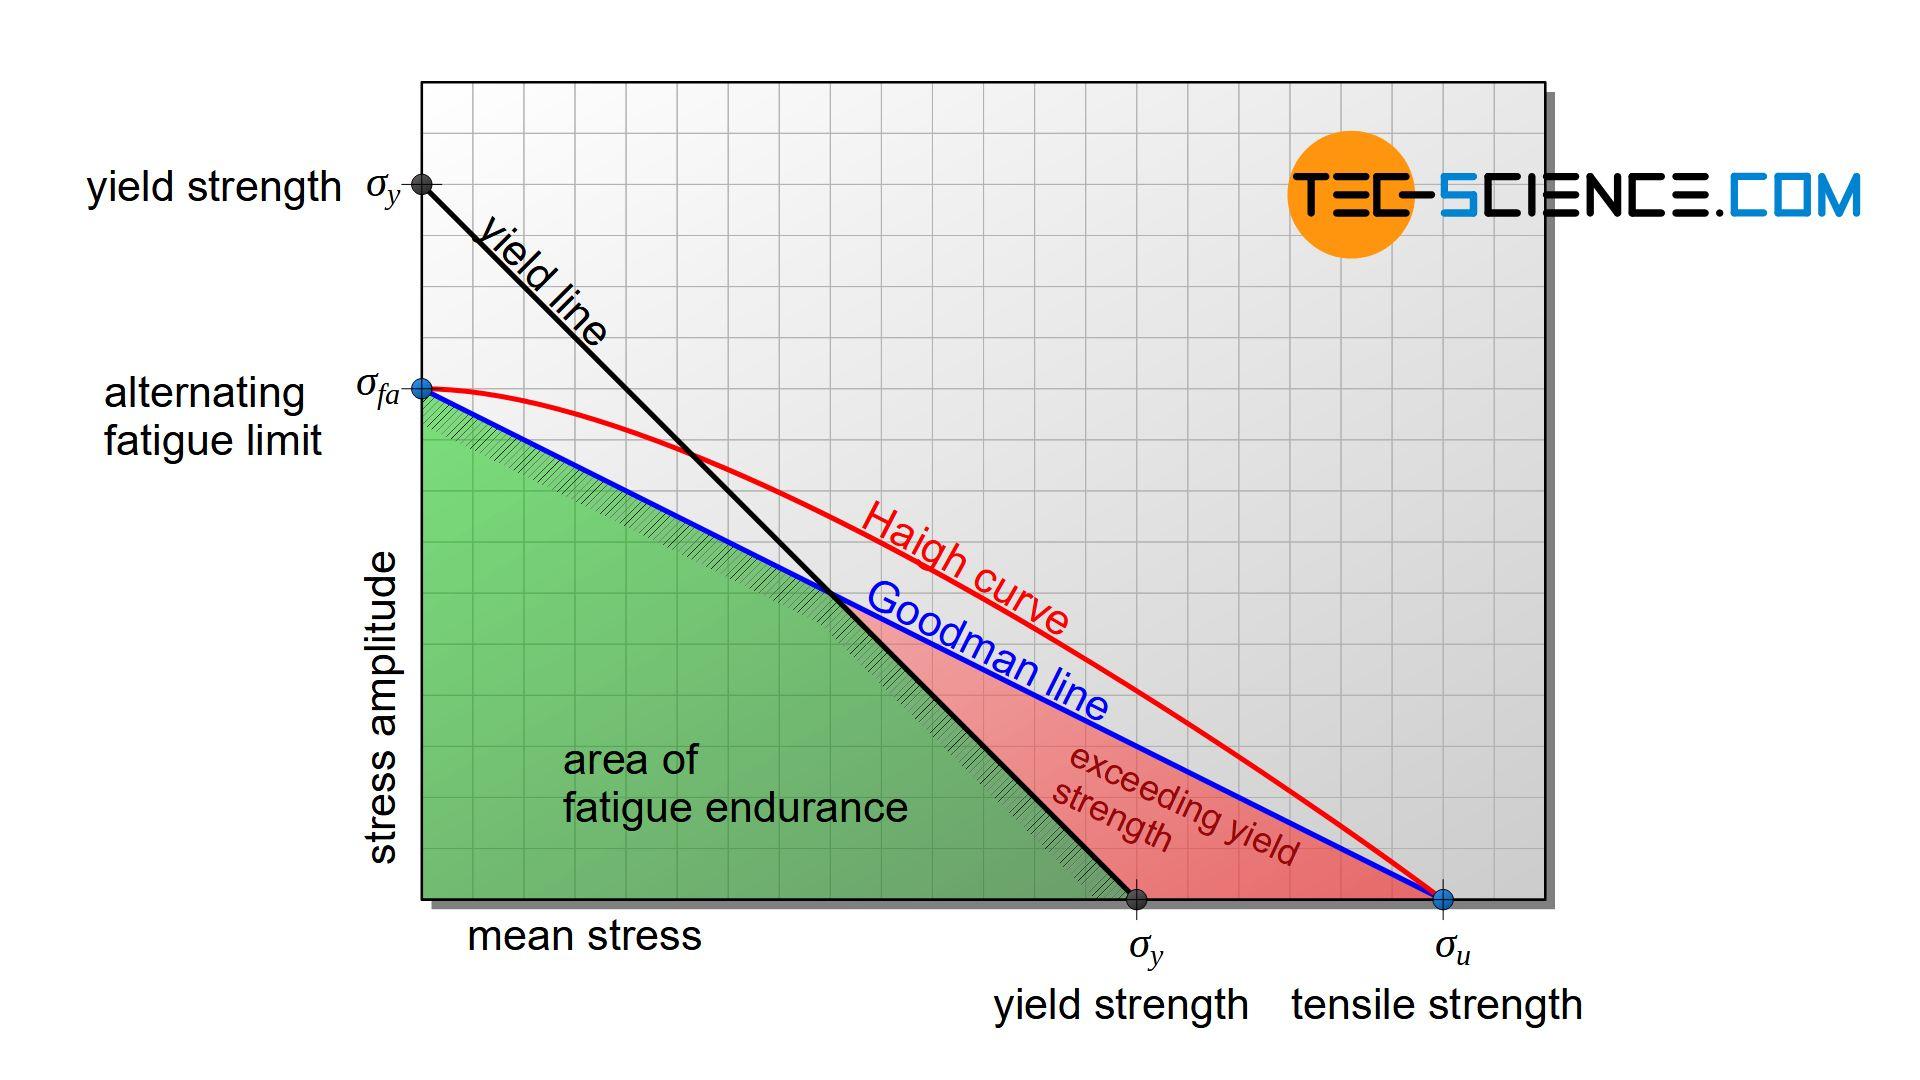 Creation of the fatigue endurance diagram according to Haigh (Haigh diagram)